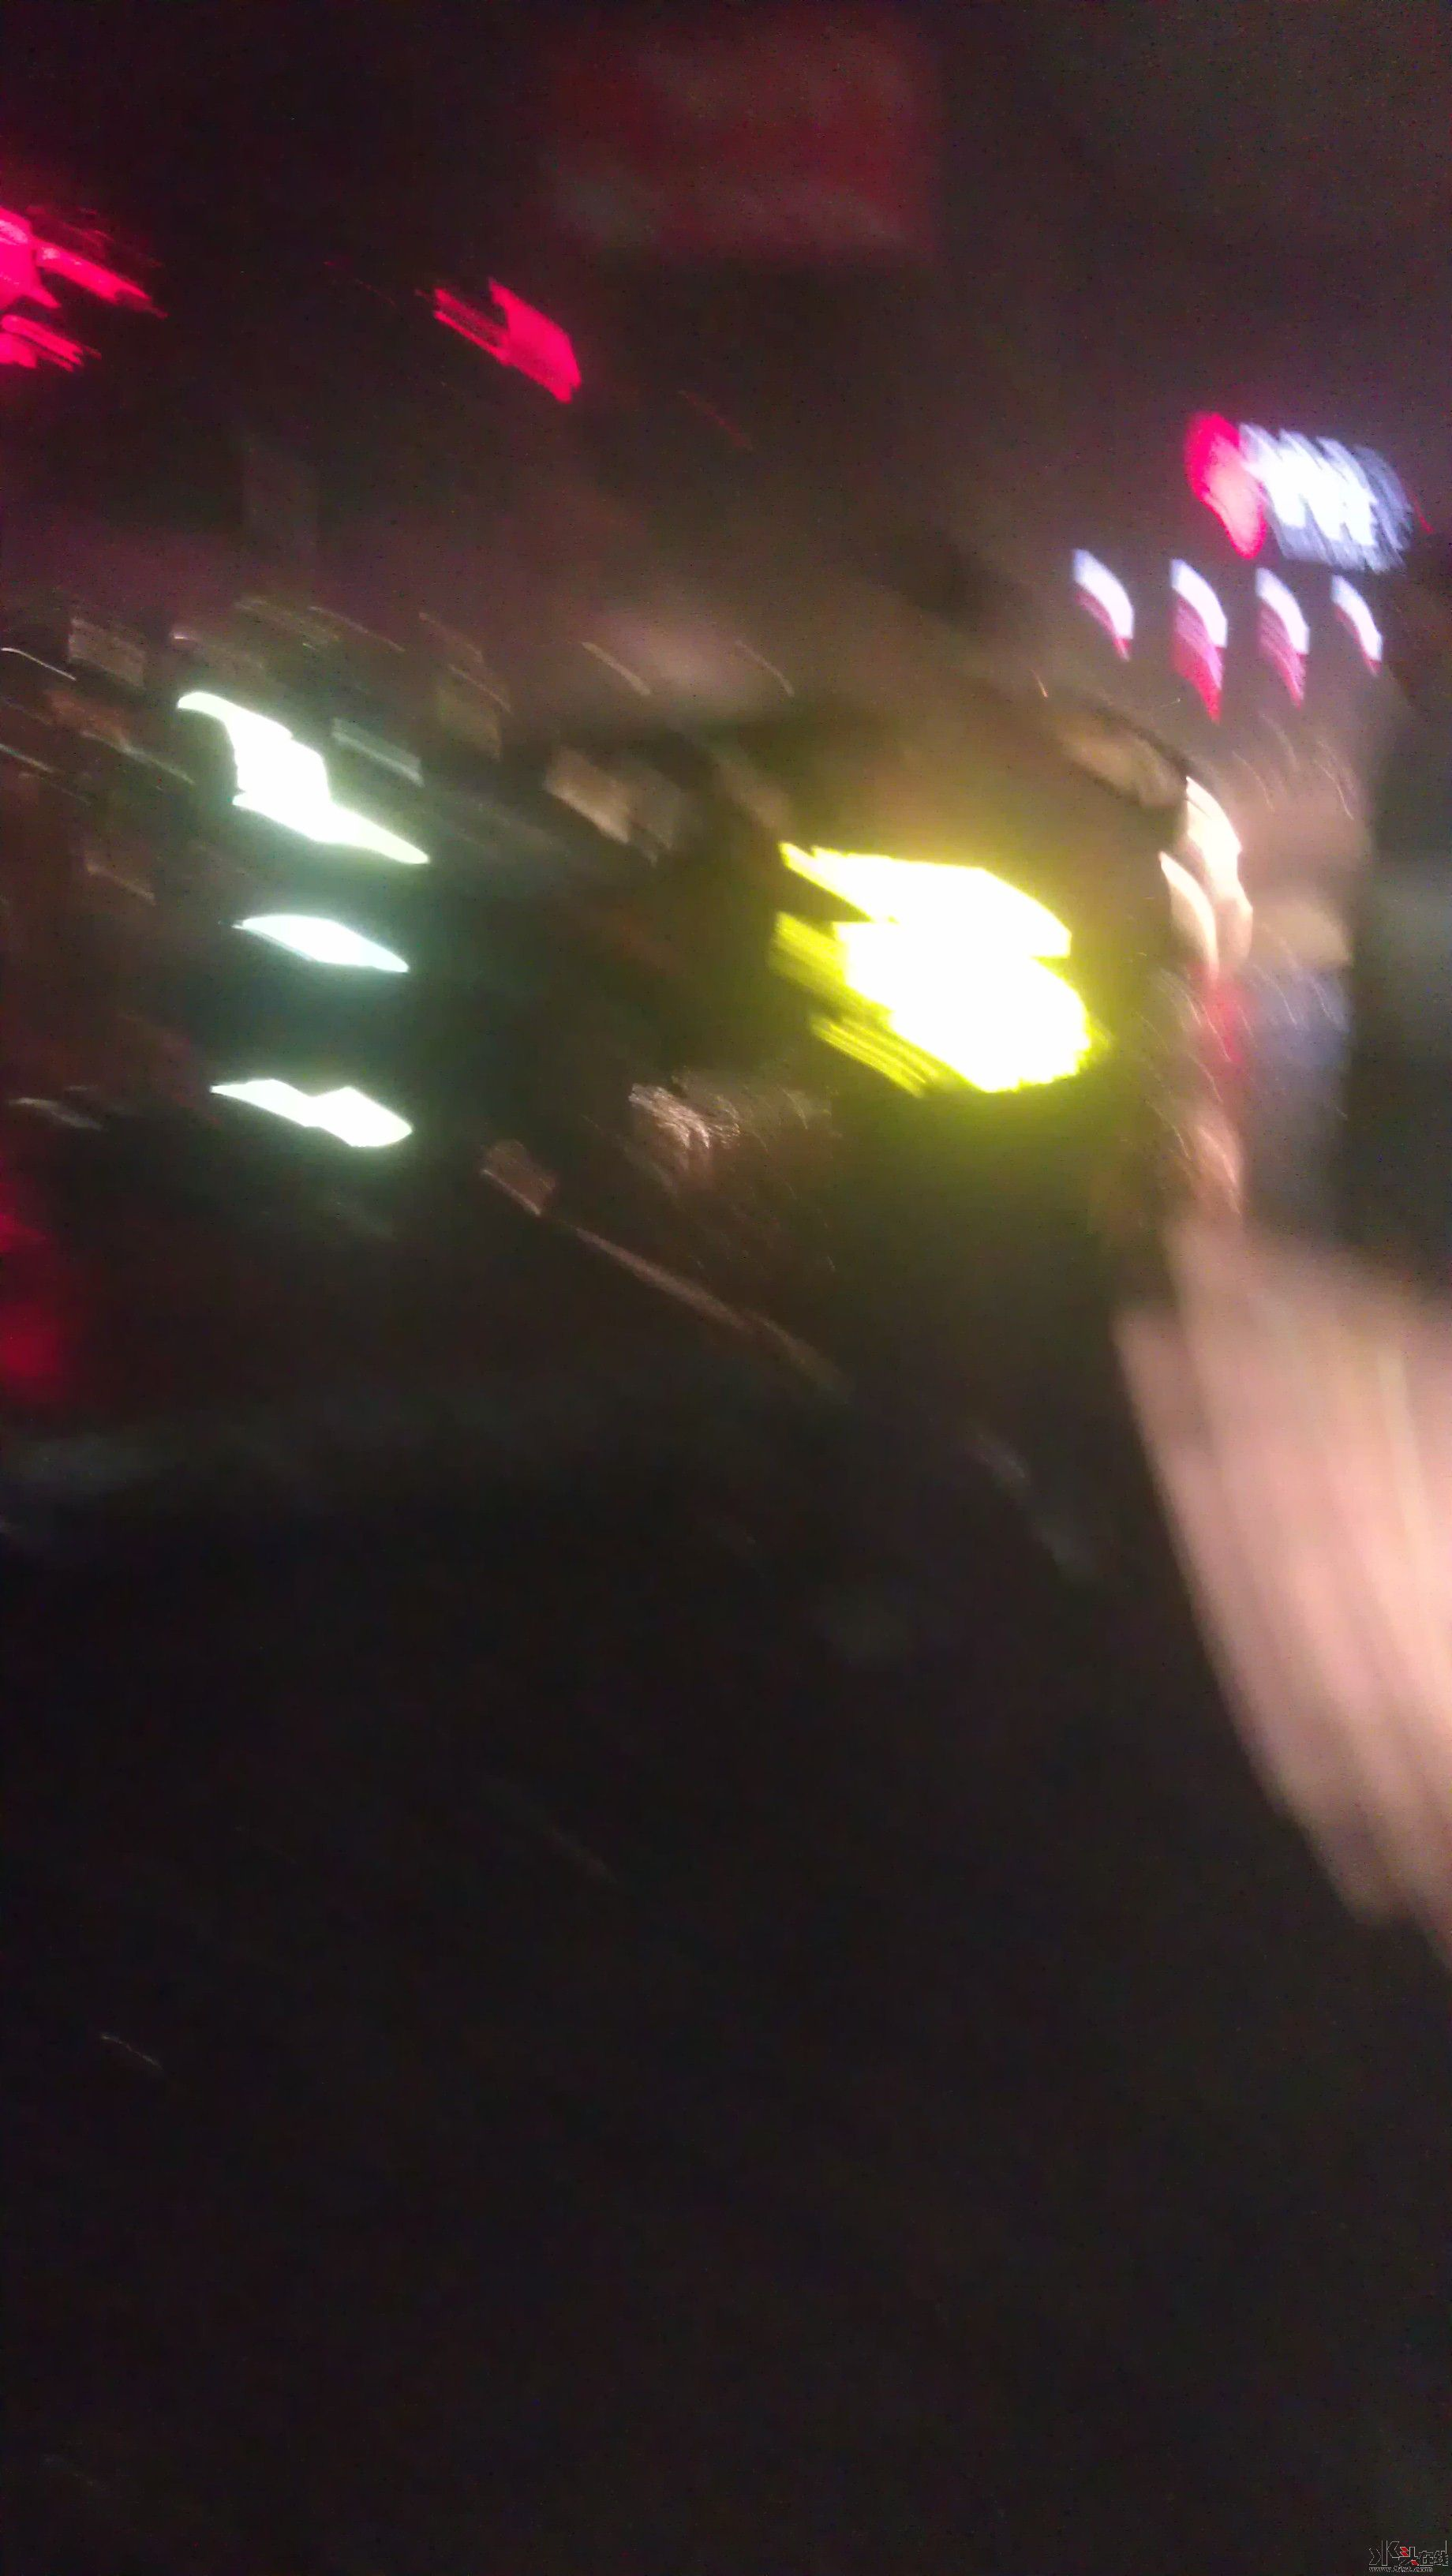 马六追尾等红绿灯小货车 高清图片